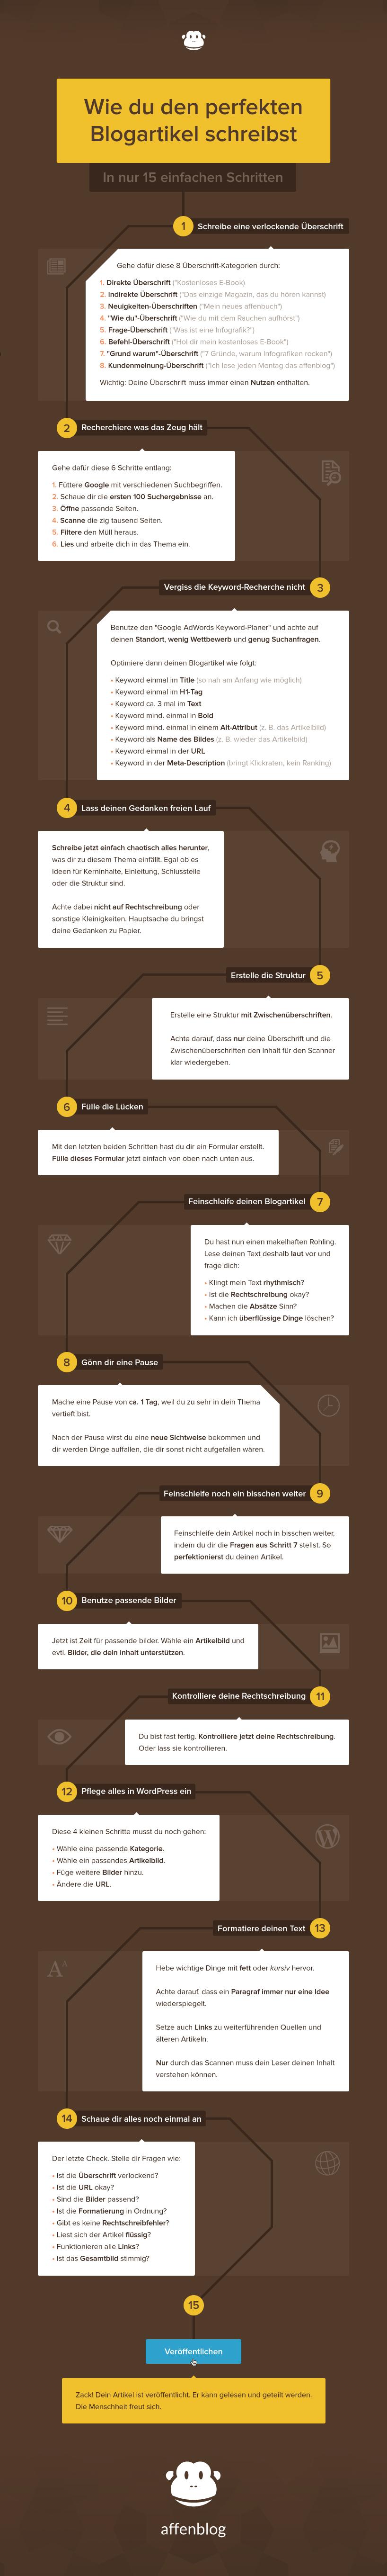 Wie du den perfekten Blogartikel schreibst